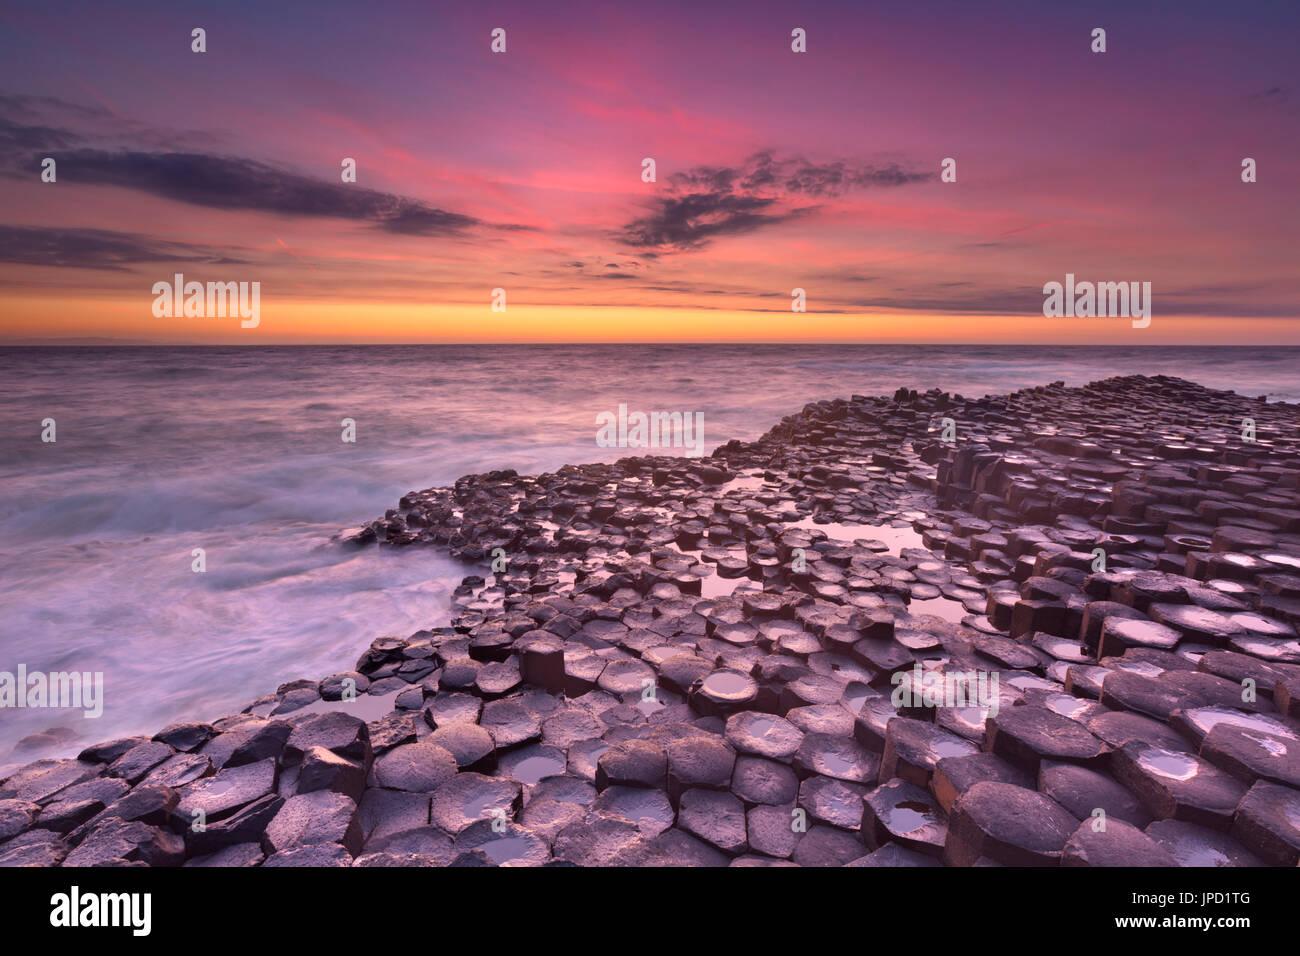 Puesta de sol sobre las formaciones de roca basáltica de Giant's Causeway en la costa norte de Irlanda del Norte. Imagen De Stock